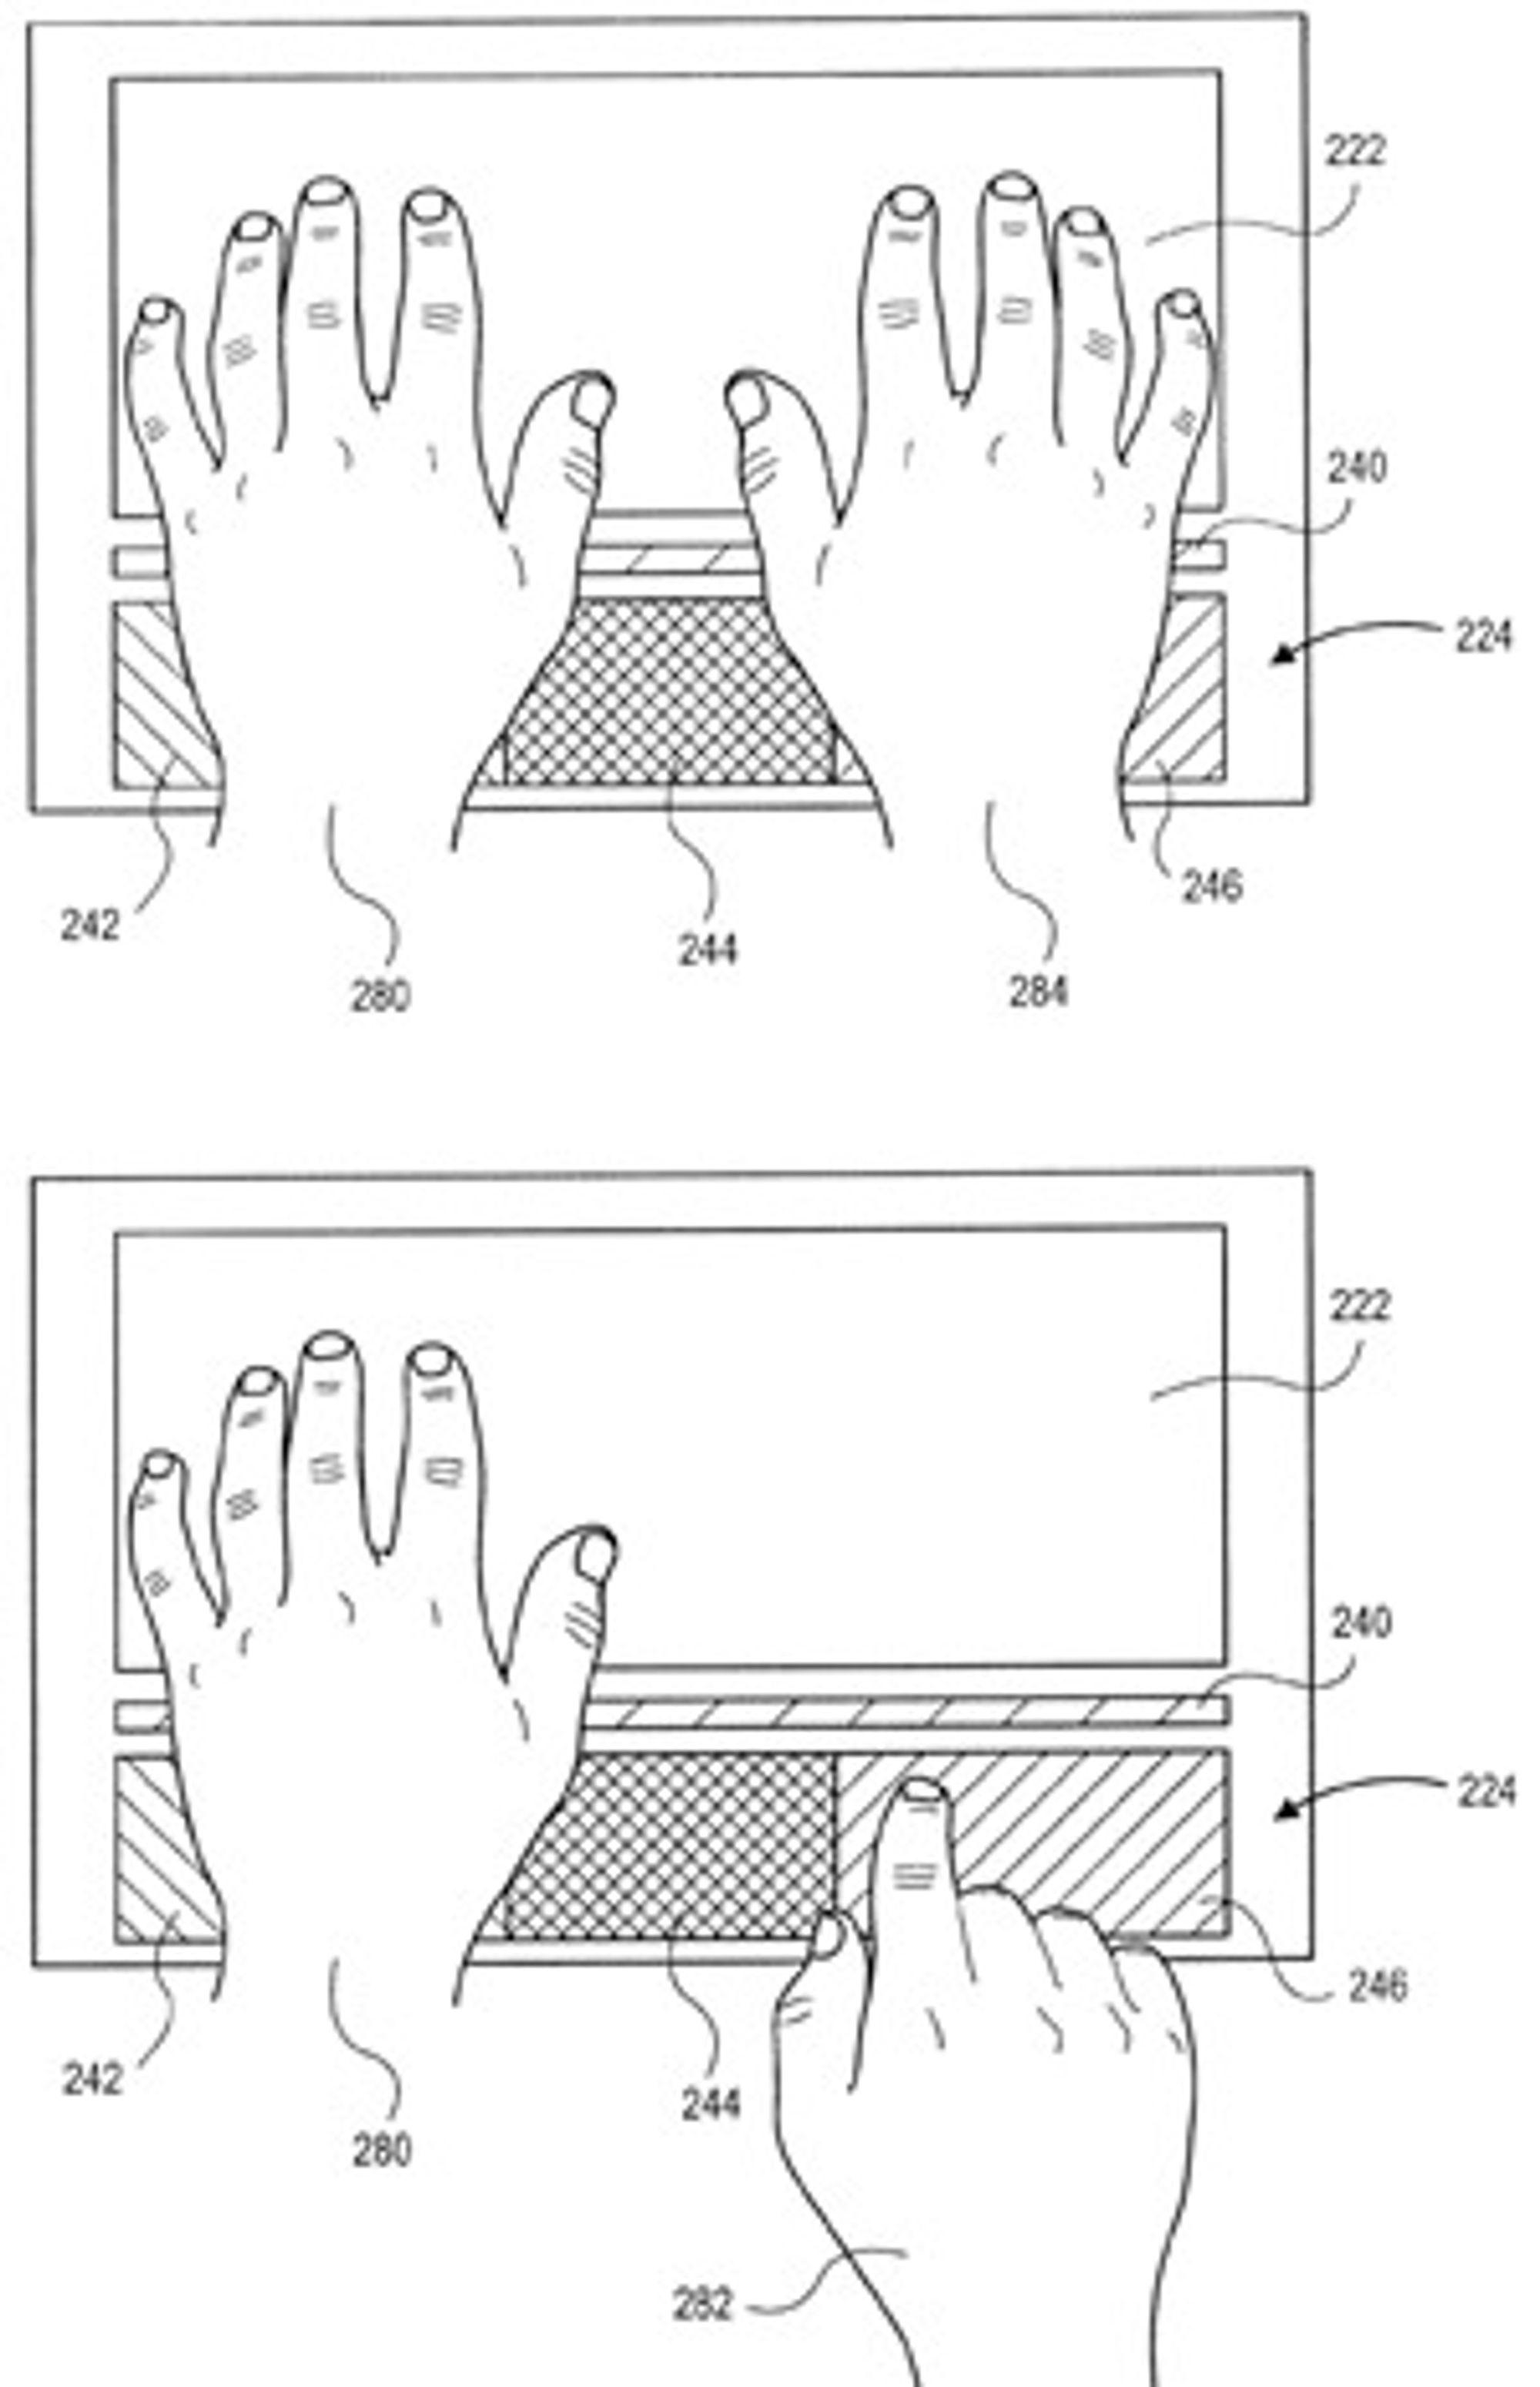 I denne varianten av Apples oppfinnelse er det en lang og smal sensor (240) som merker seg hvor hendene er og som justerer følsomheten til ulike områder på styreflaten deretter. Her er styreflaten delt i tre logiske områder (242, 244, 246).